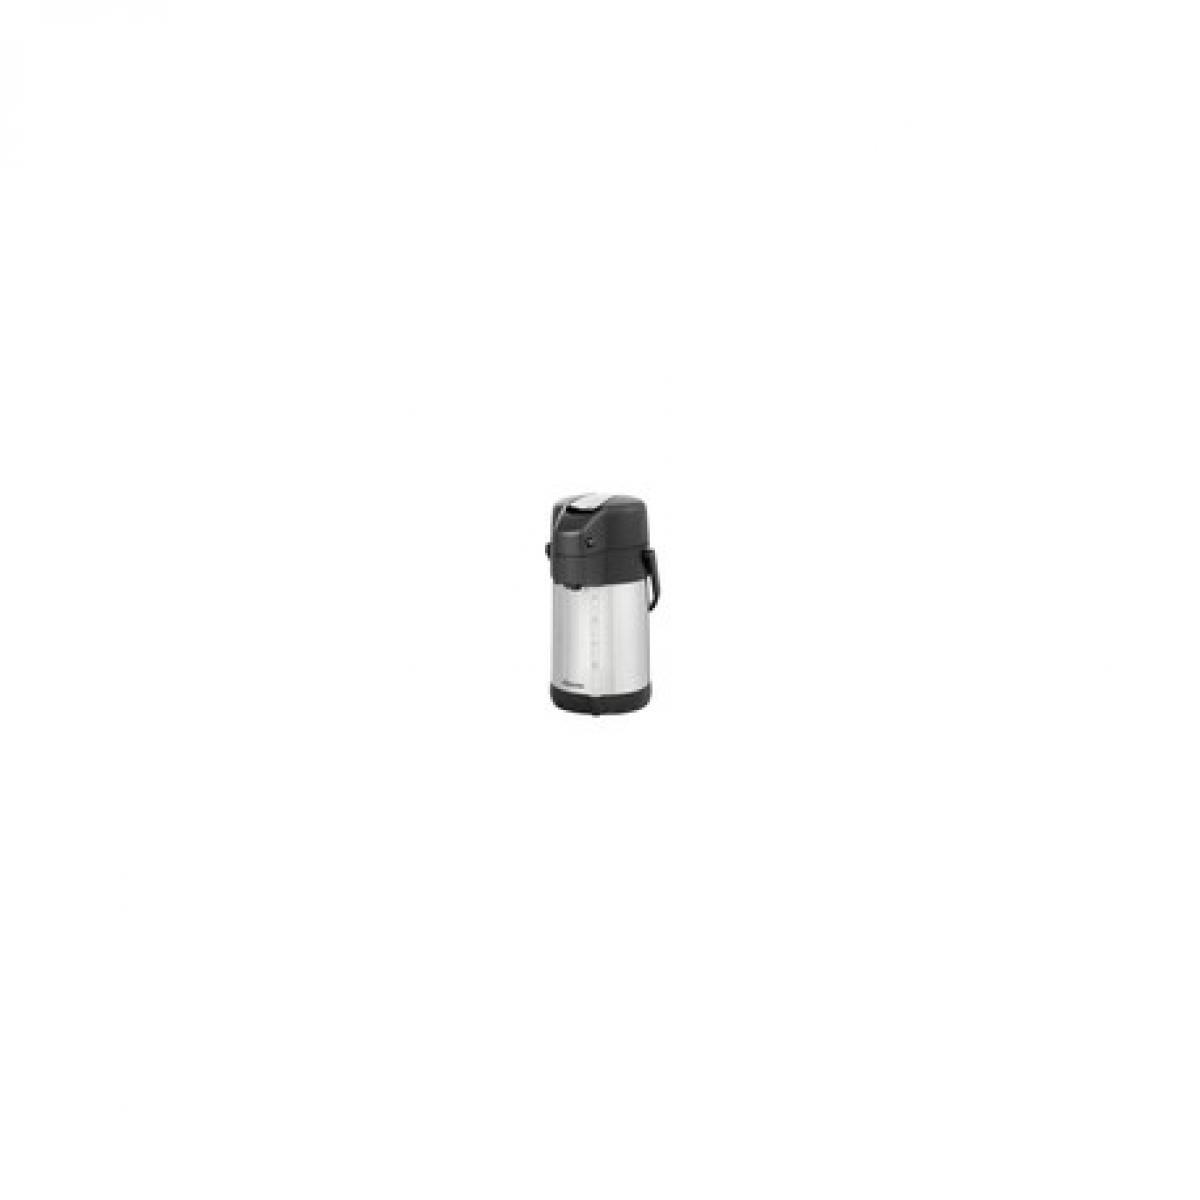 Bartscher Distributeur thermos professionnel 2,2 L - Bartscher - 15 cm Acier 220 cl